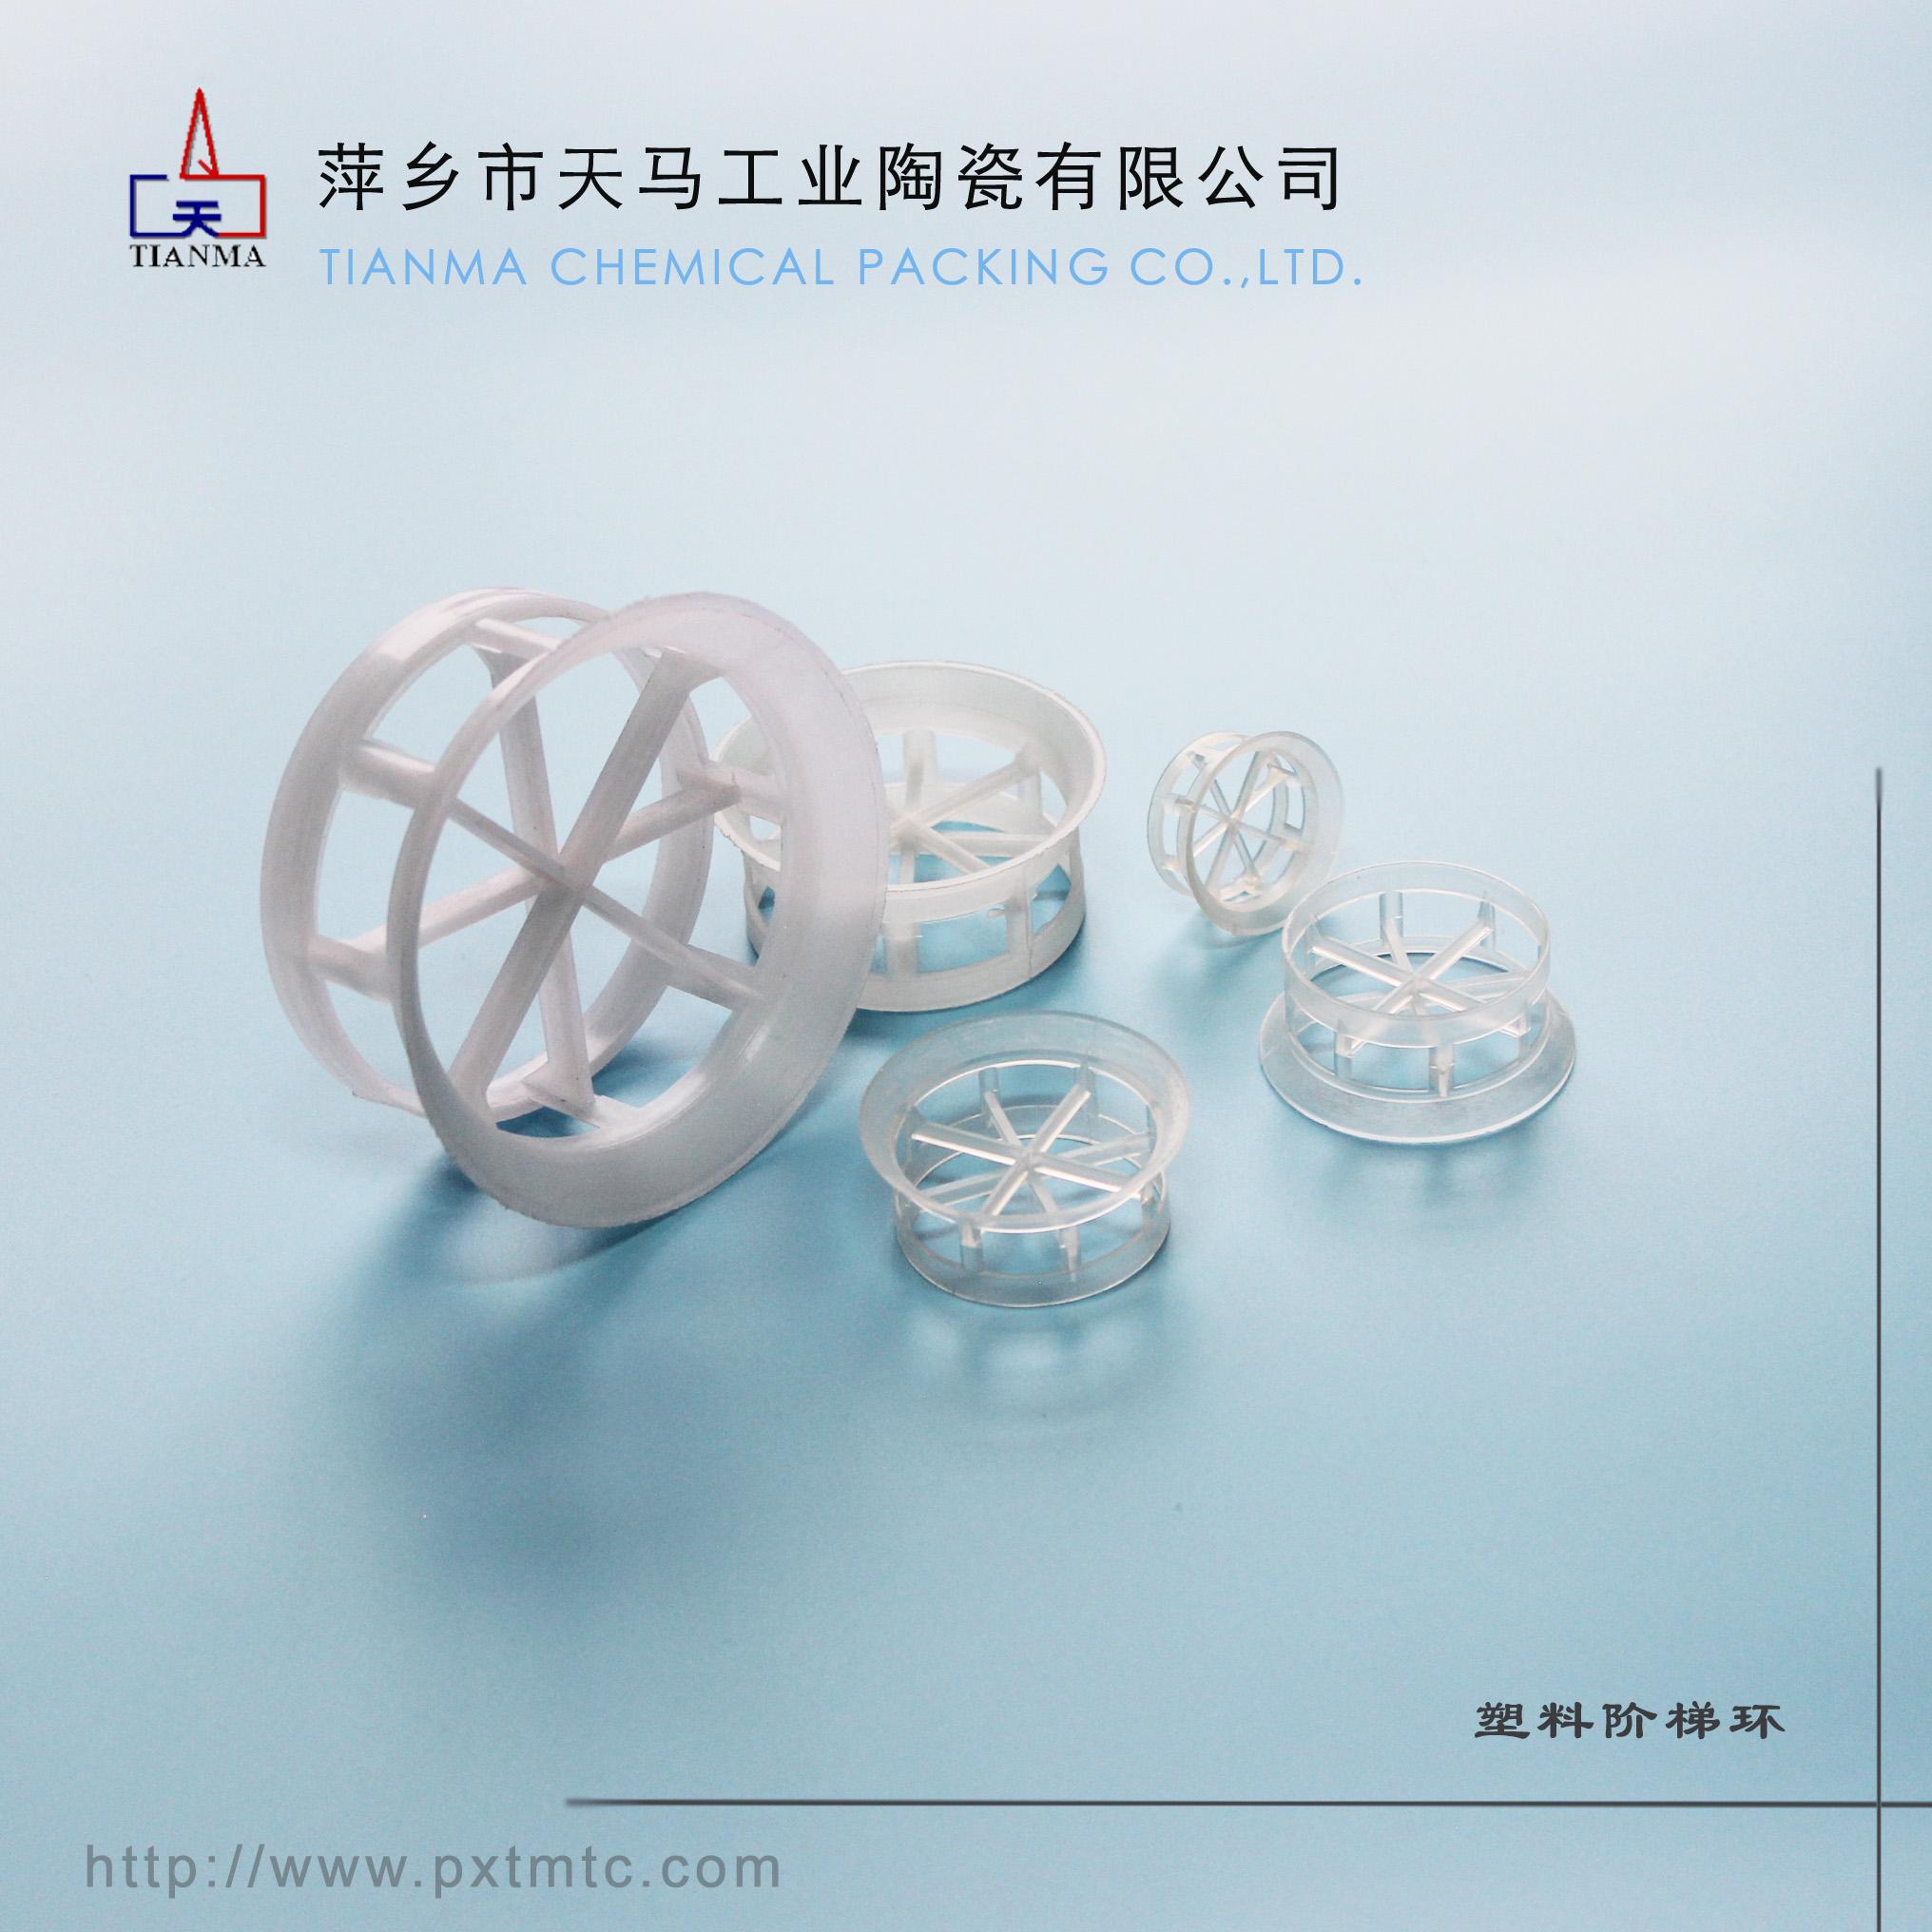 生产各种规格阶梯环 塑料阶梯环 填料